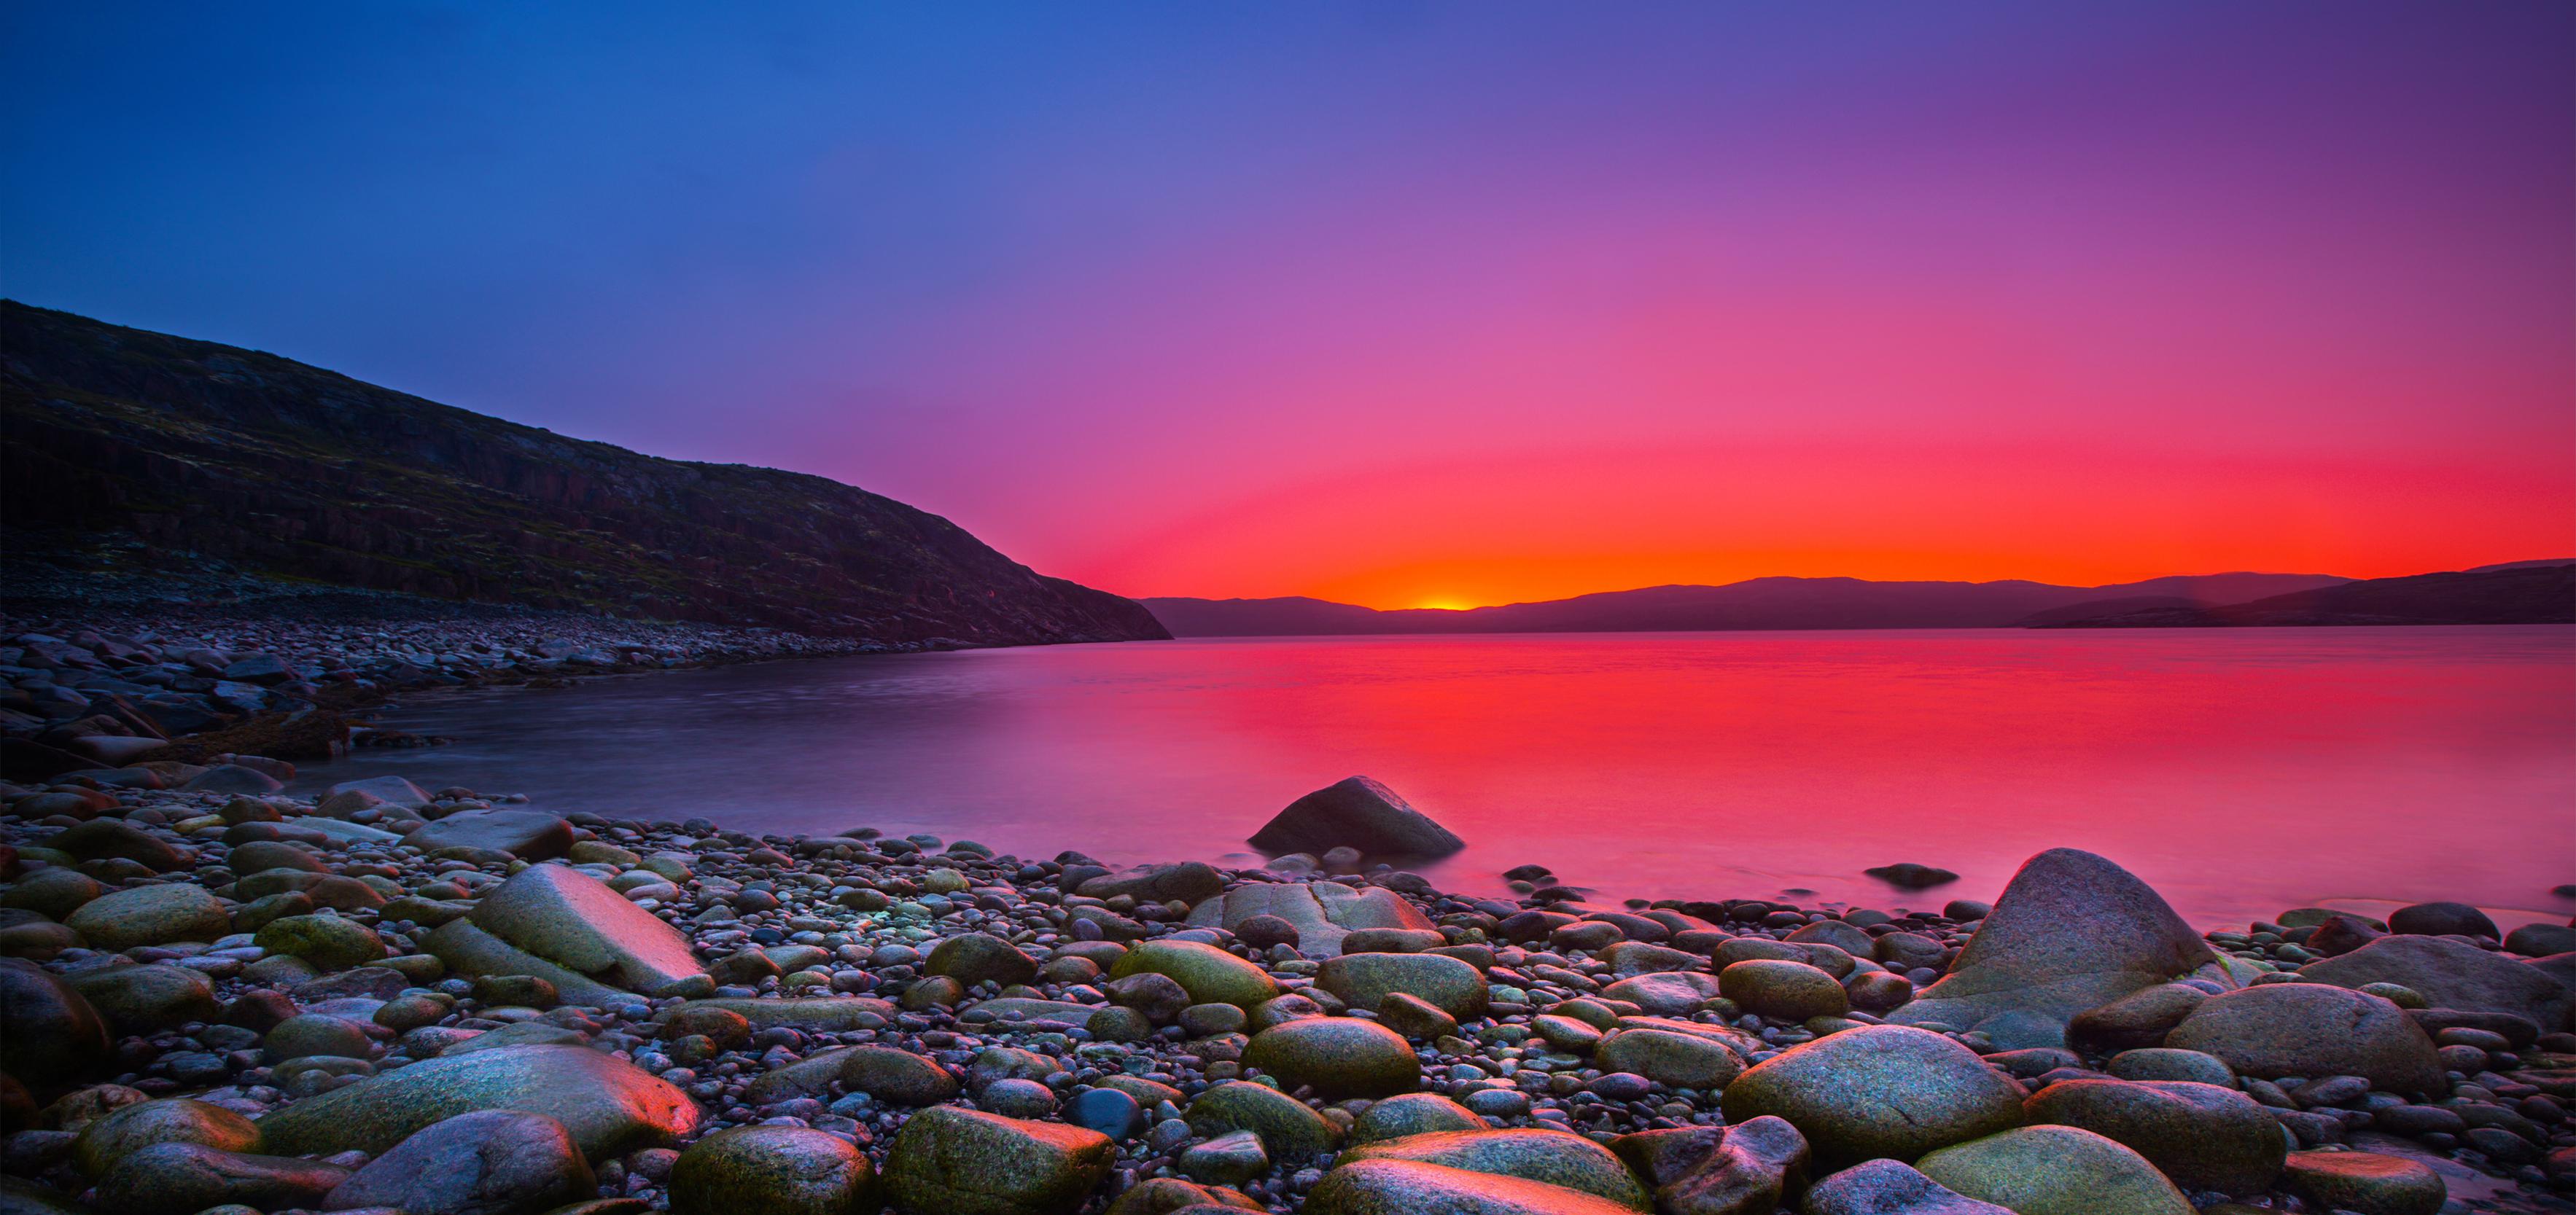 Inner Stillness red sun and rocks blog